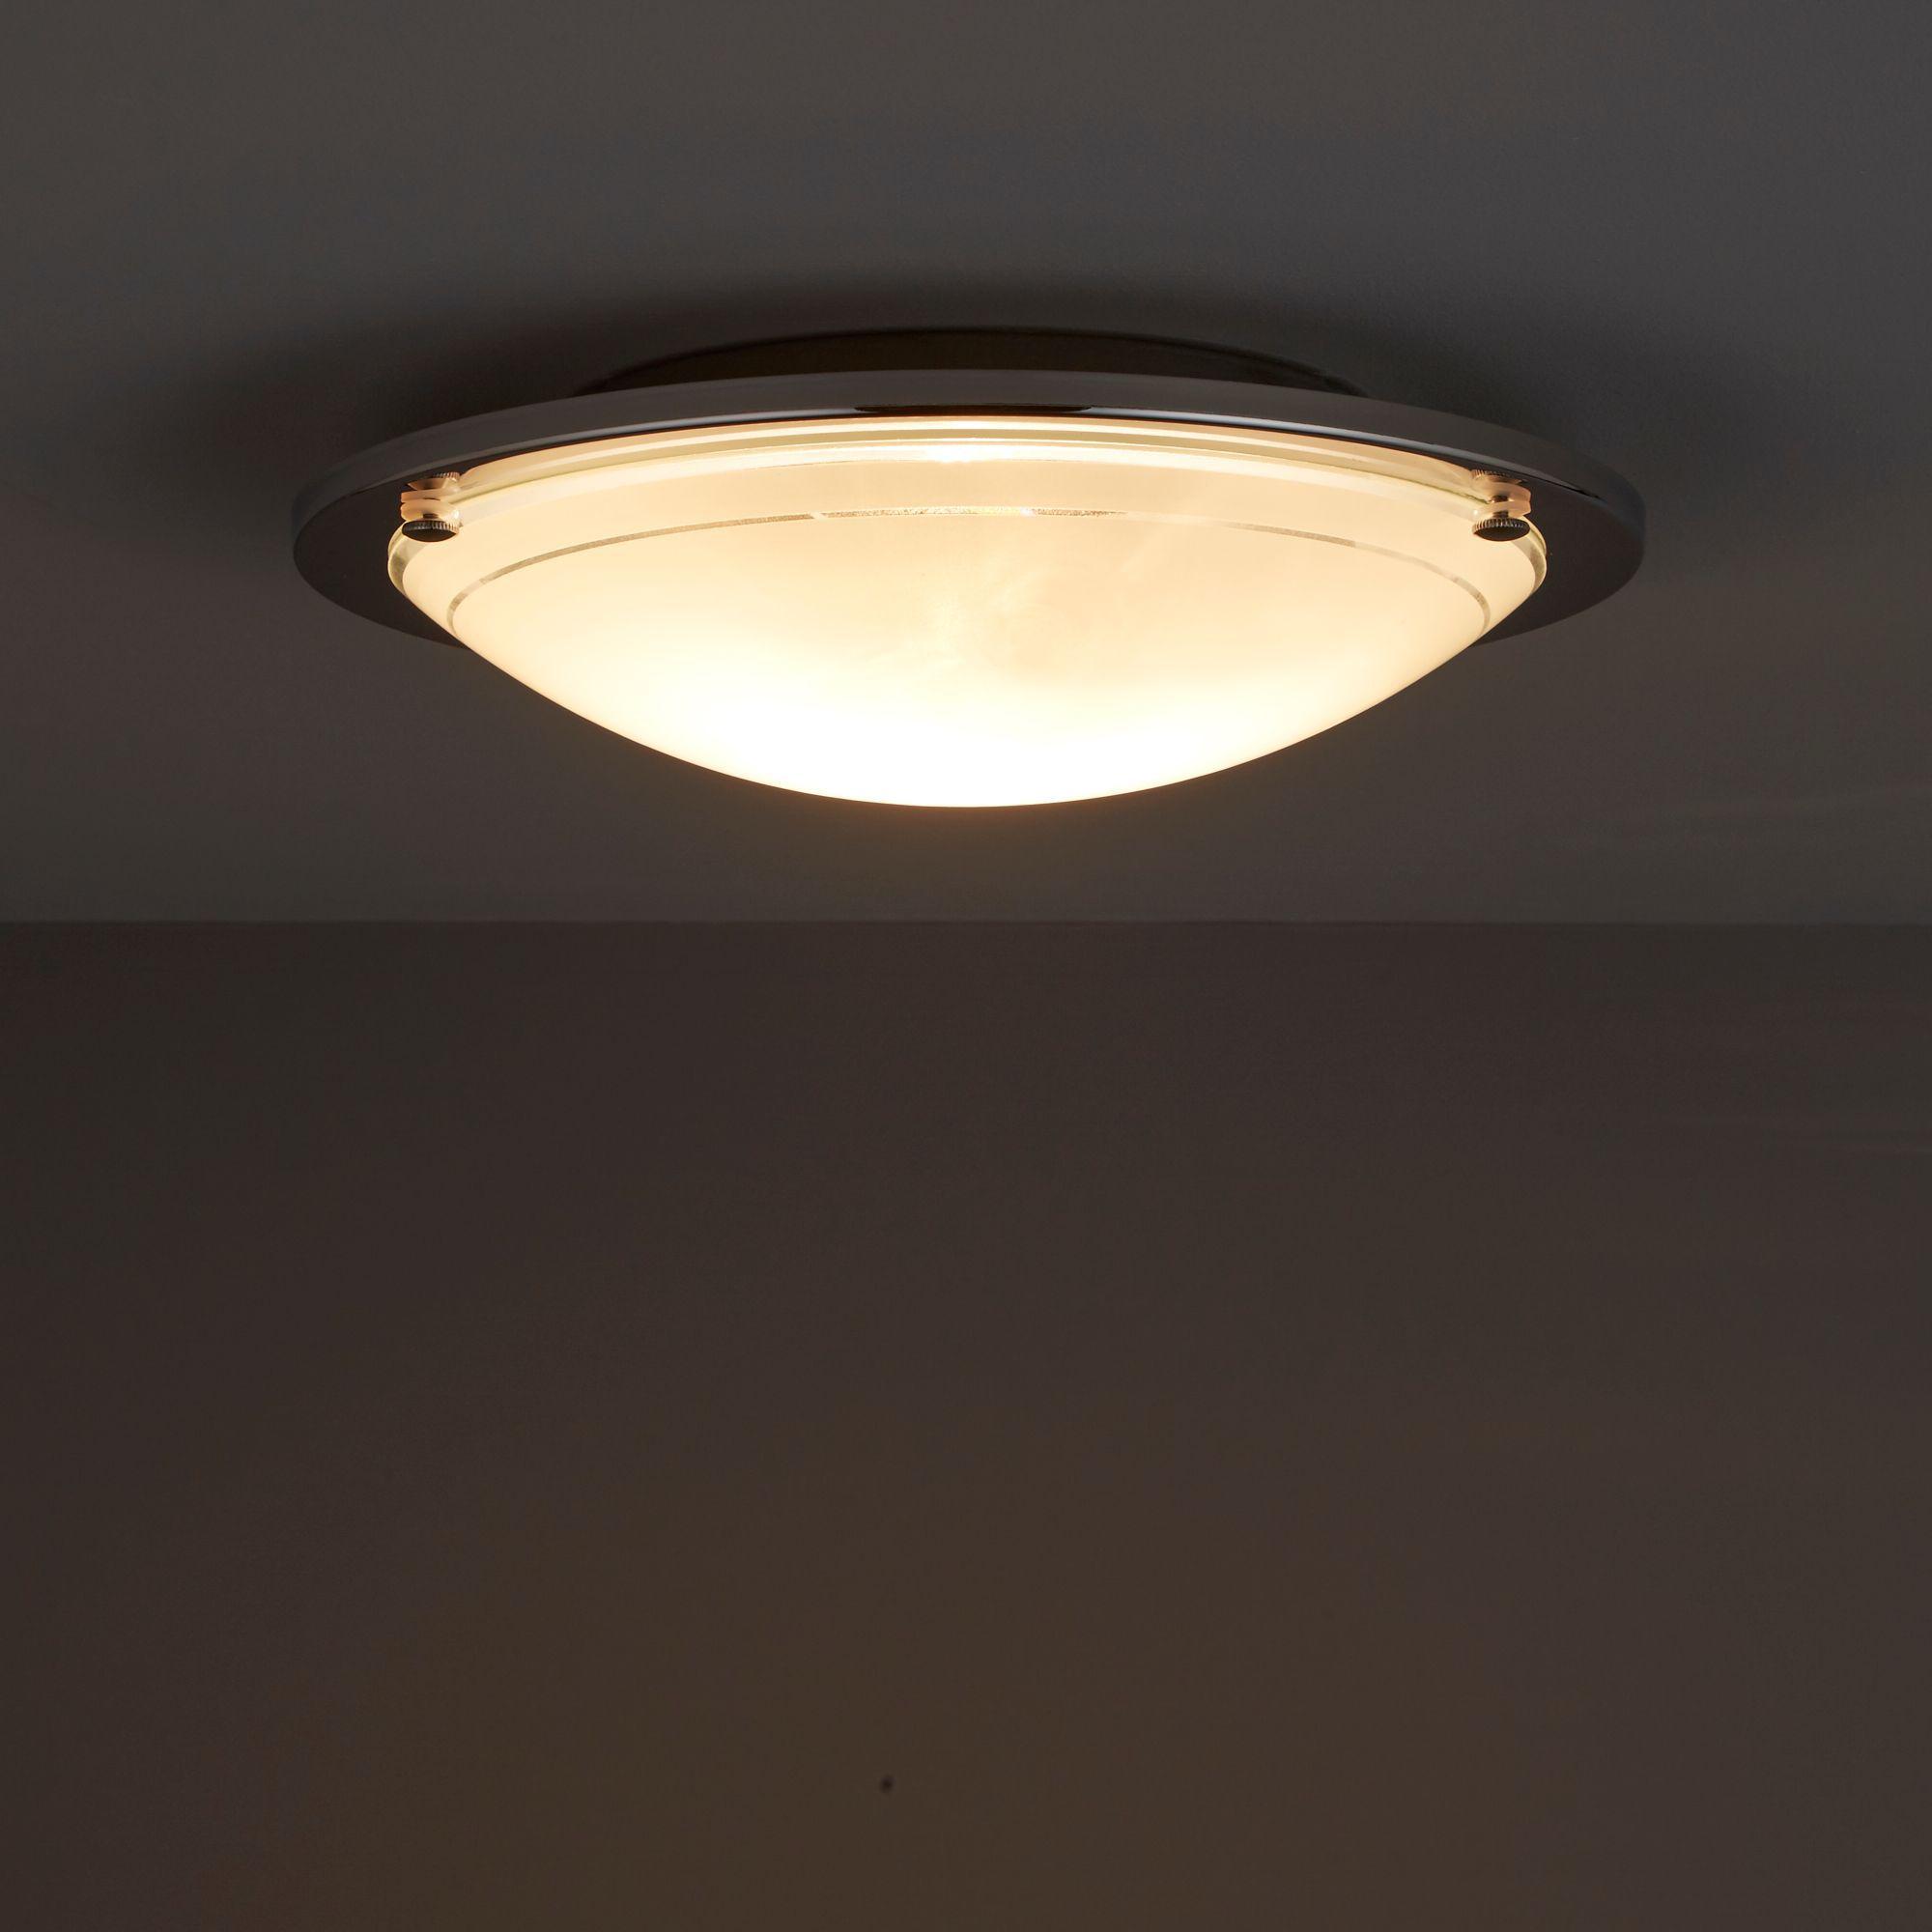 Hubaa Chrome Effect Ceiling Light